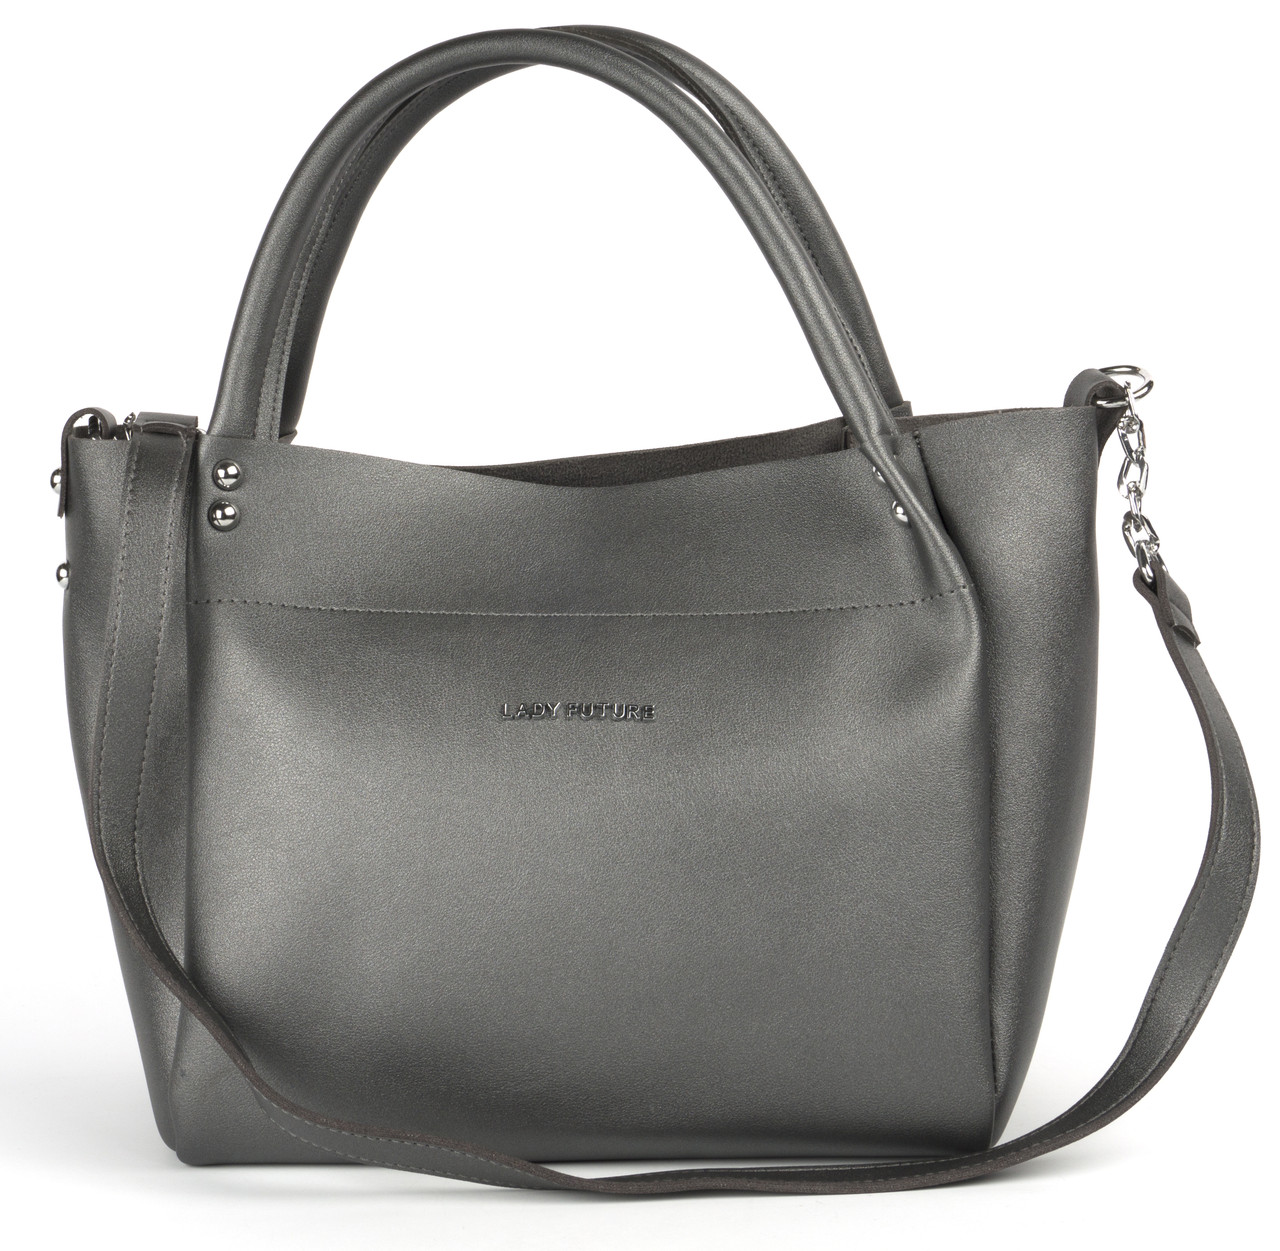 Стильная удобная качественная сумка LADY FUTURE art. 8025 серая